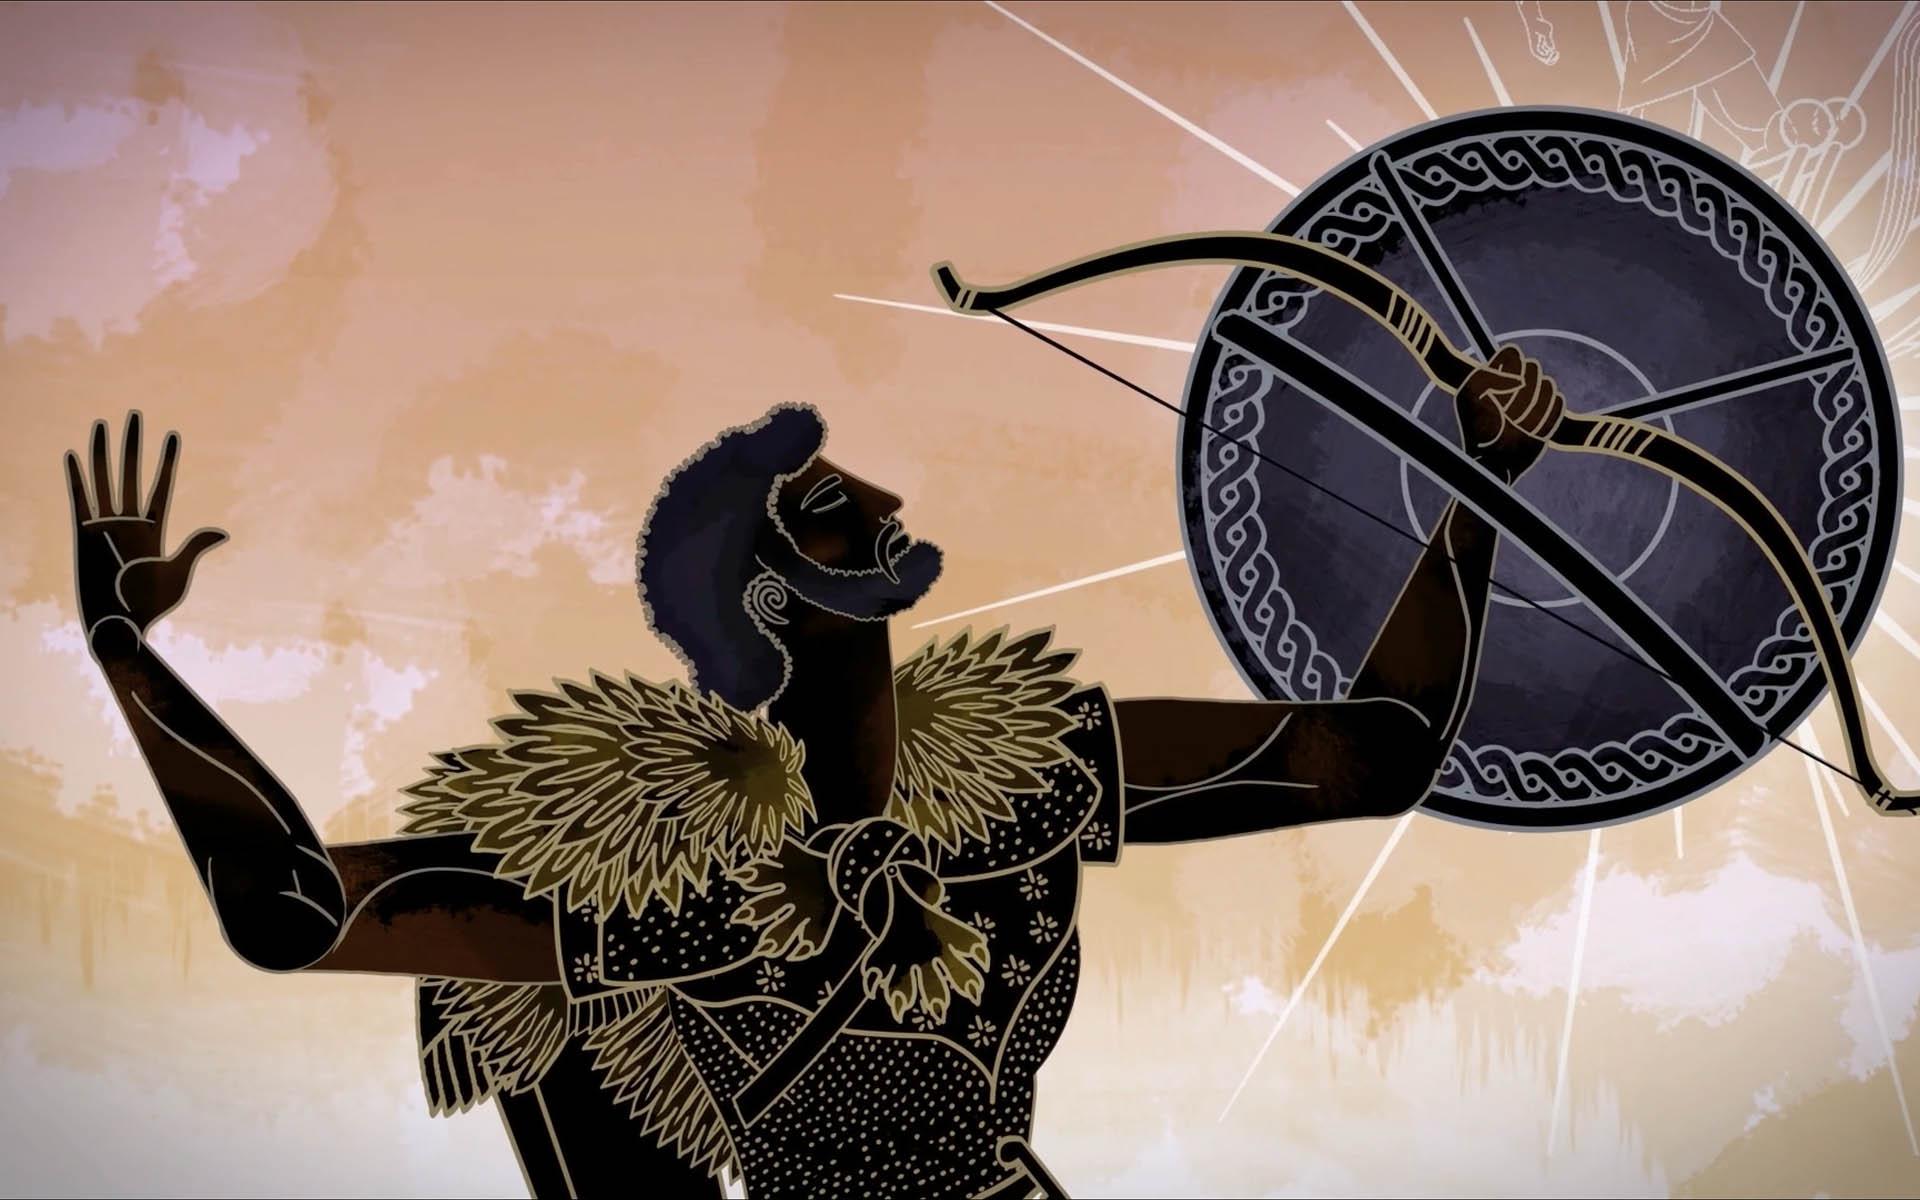 Excerpt from a short animated movie Herakles, Aux Origines De La Crau, by Les Fées Spéciales